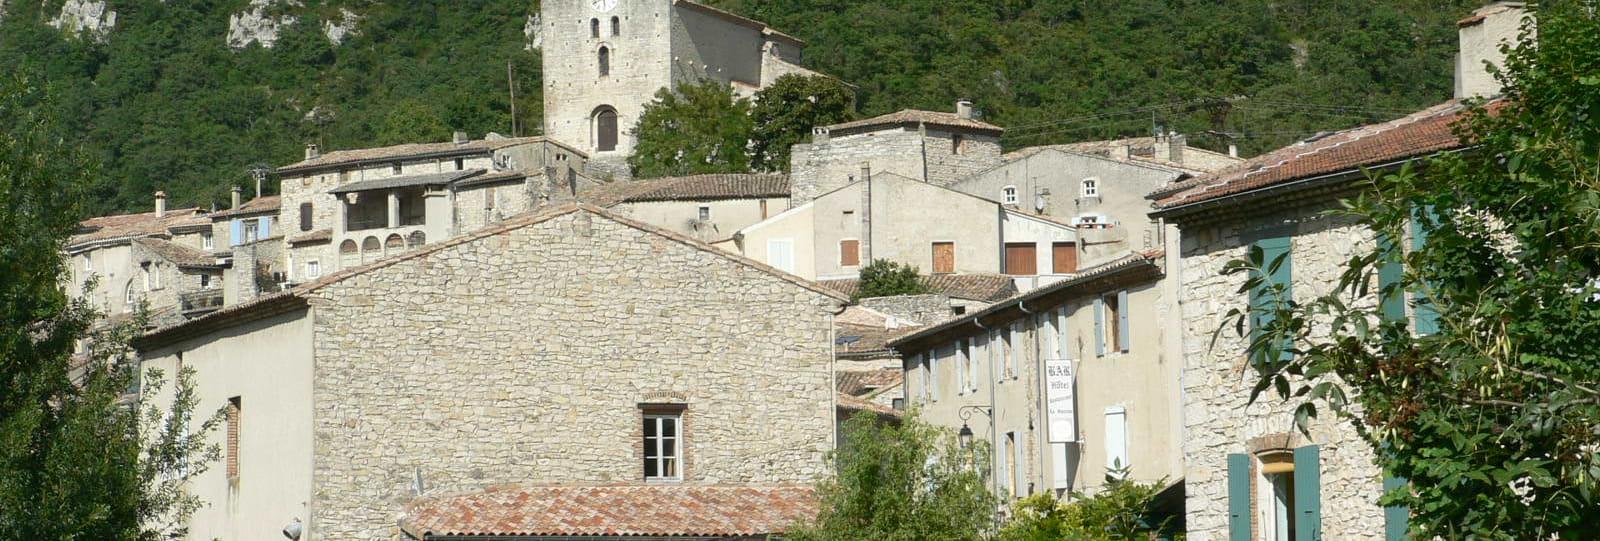 Village de Pont de Barret